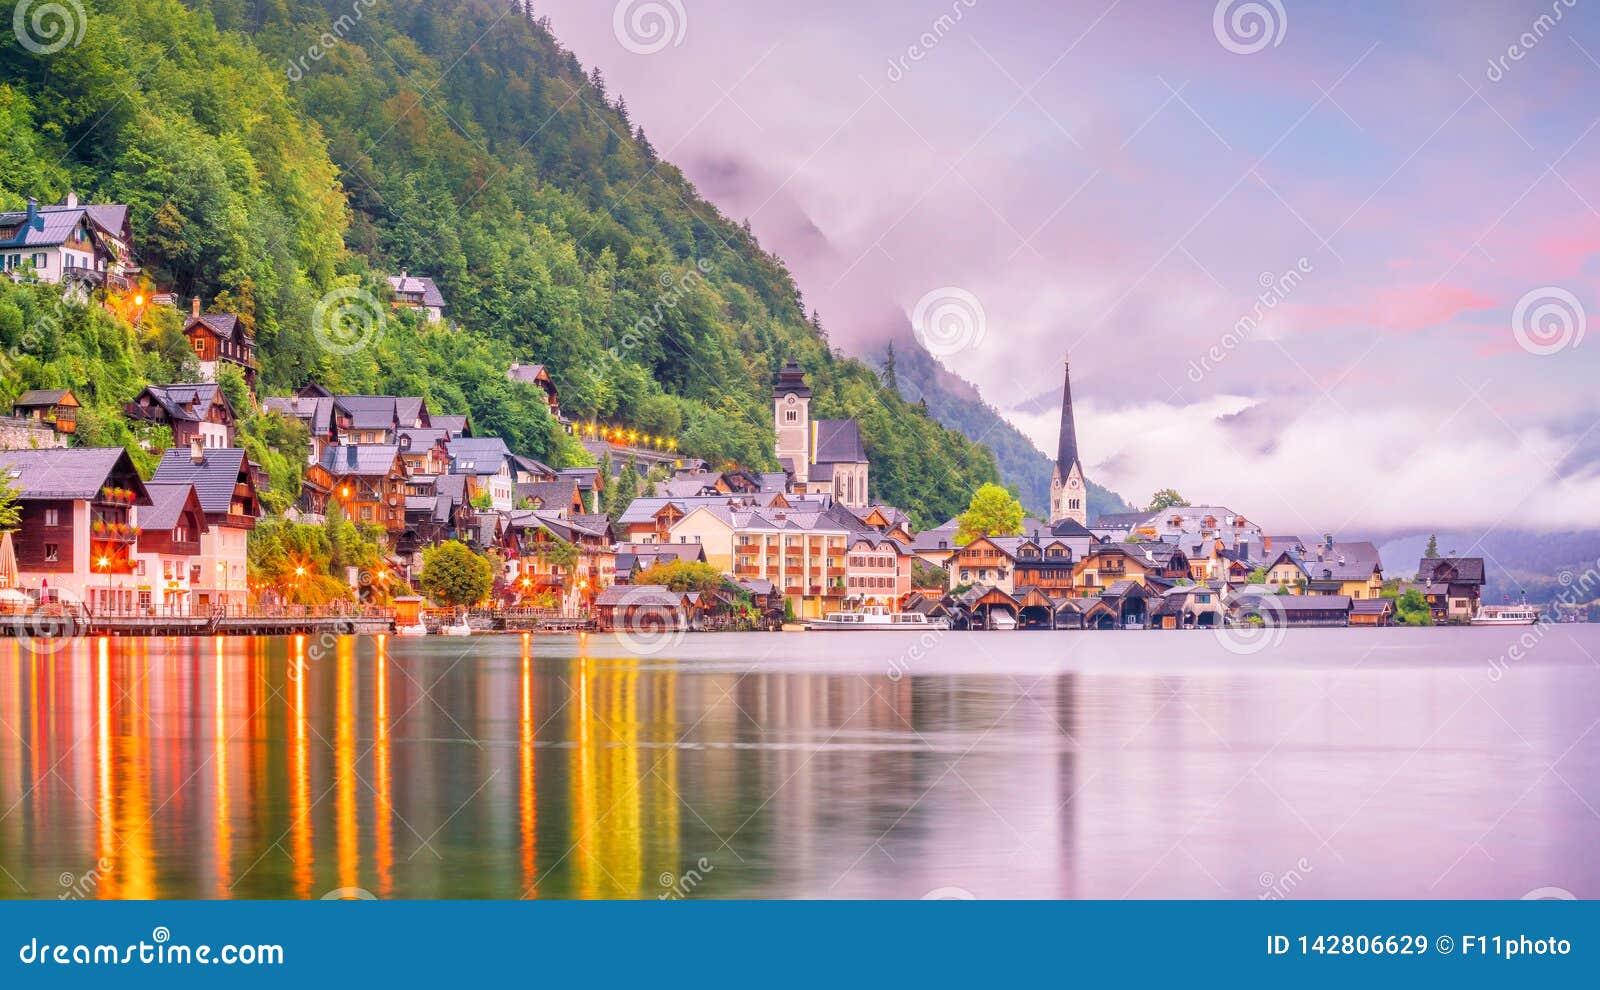 Vista escénica del pueblo famoso de Hallstatt en Austria